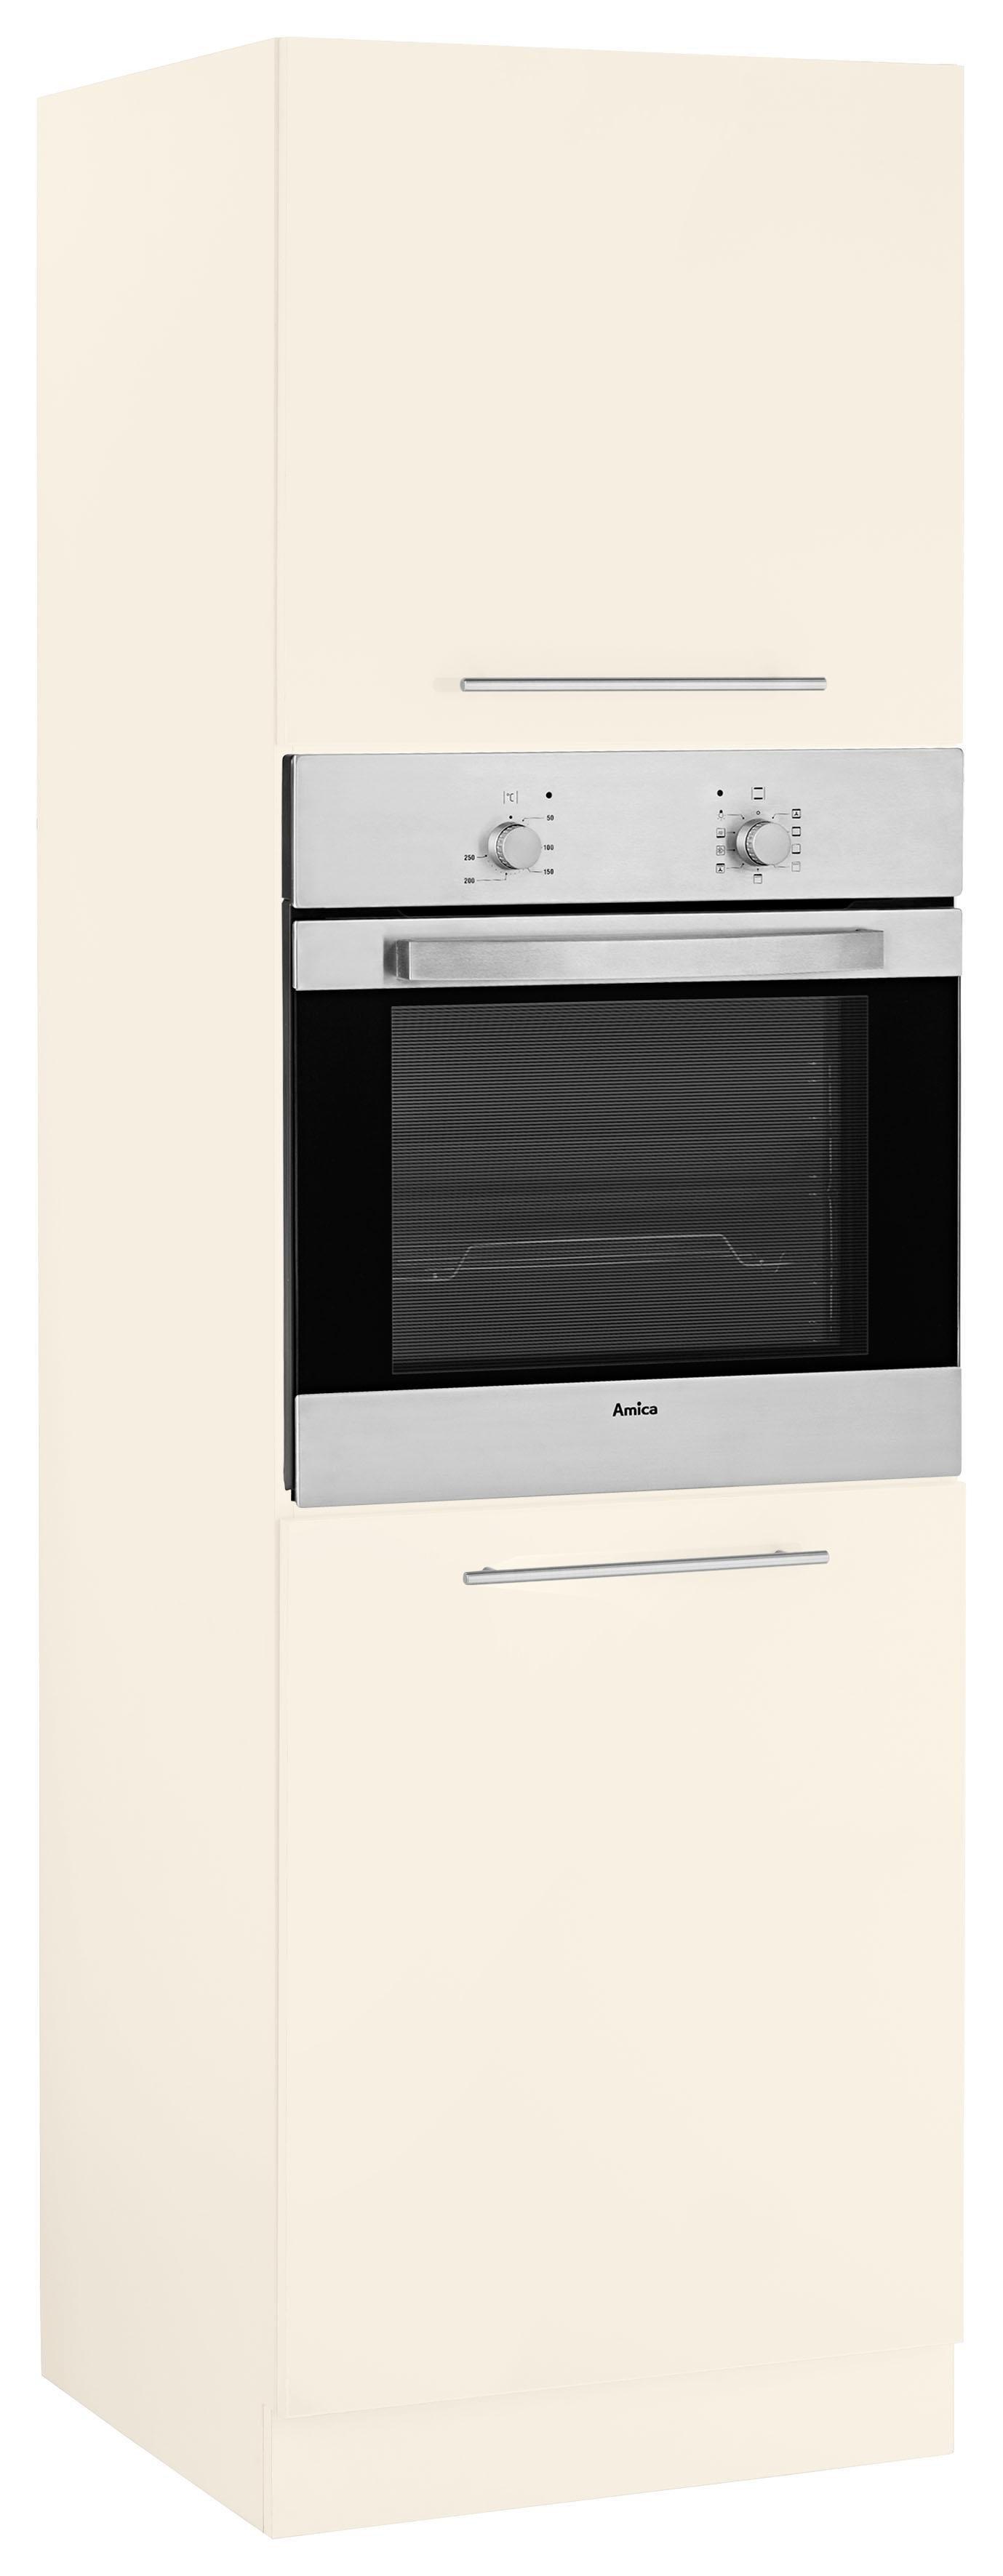 WIHO-Küchen Backofenumbauschrank »Flexi2«   Küche und Esszimmer > Küchenschränke > Umbauschränke   Weiß - Rot - Glanz   Melamin   wiho Küchen